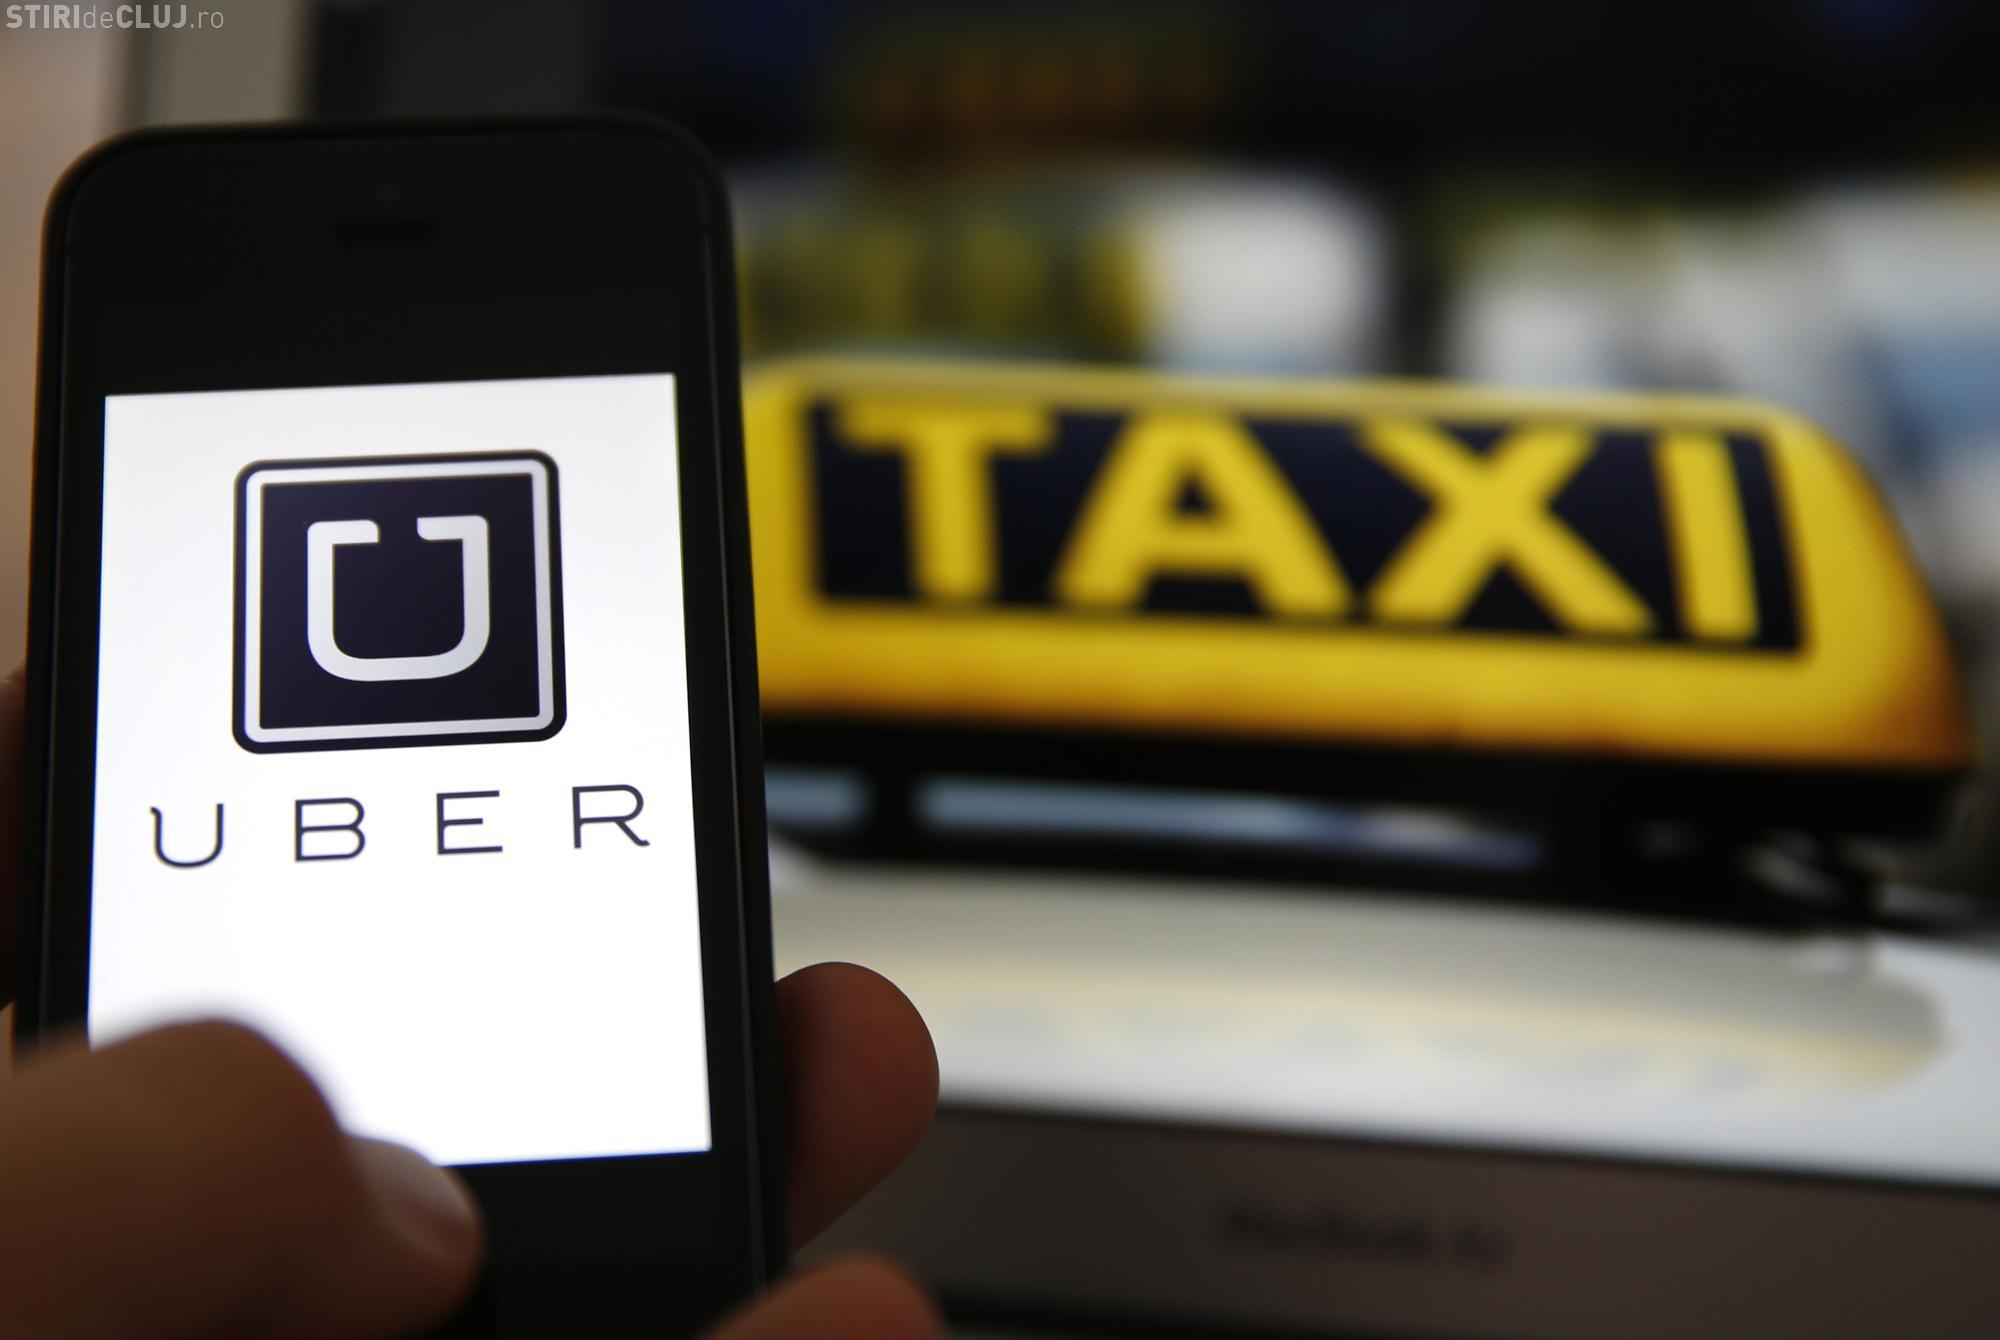 Curtea de Apel Cluj a decis că Uber poate funcționa. Taximetriștii vor să facă proteste